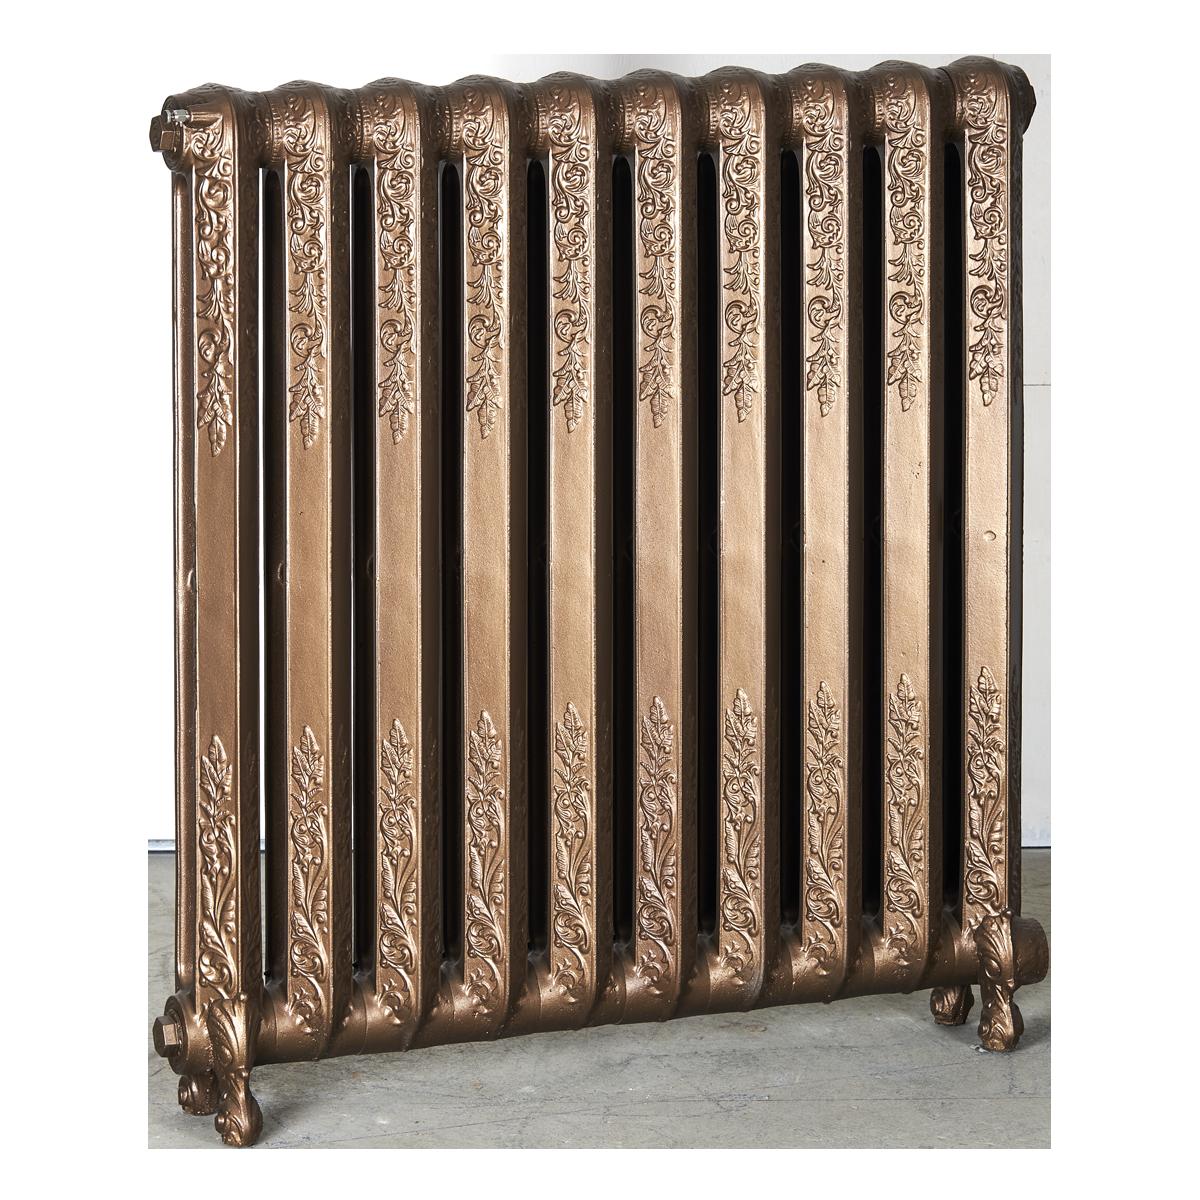 Ironworks Radiators Inc. refurbished cast iron radiator Beverly in Statuary Bronze